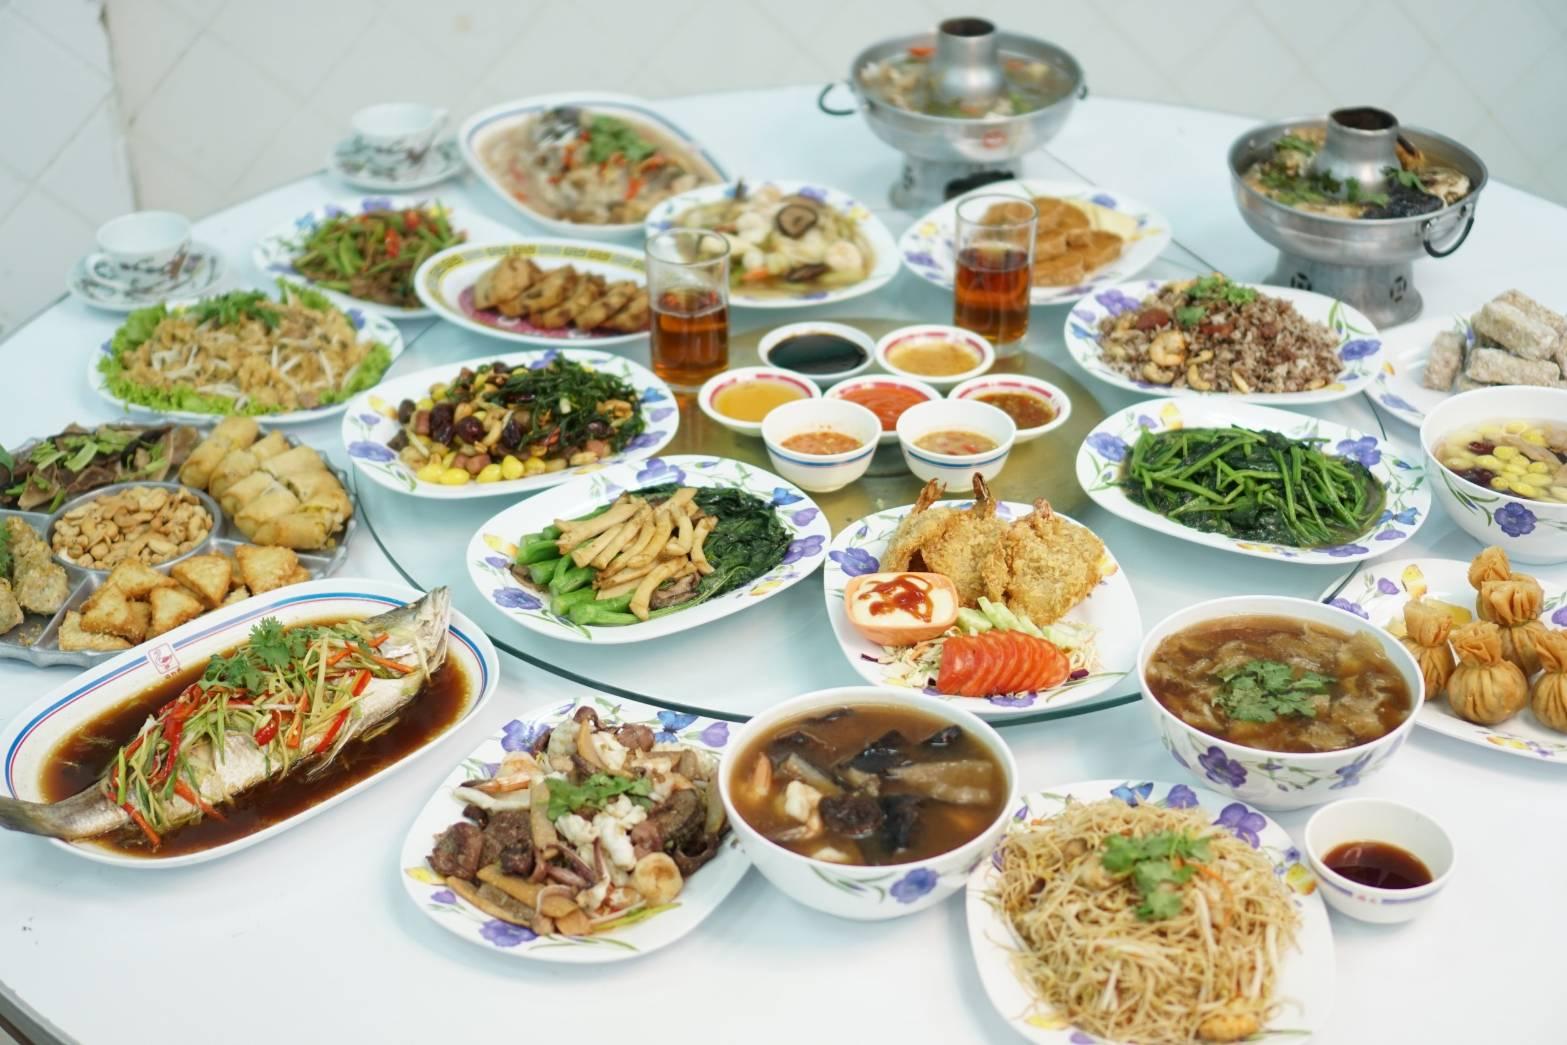 EP สุดท้าย #Saveสตรีทฟู้ด กับฮกกี่โภชนา ลิ้มรสอาหารแต้จิ๋วแบบดั้งเดิมที่เหมือนโล้สำเภามาจากเมืองจีน